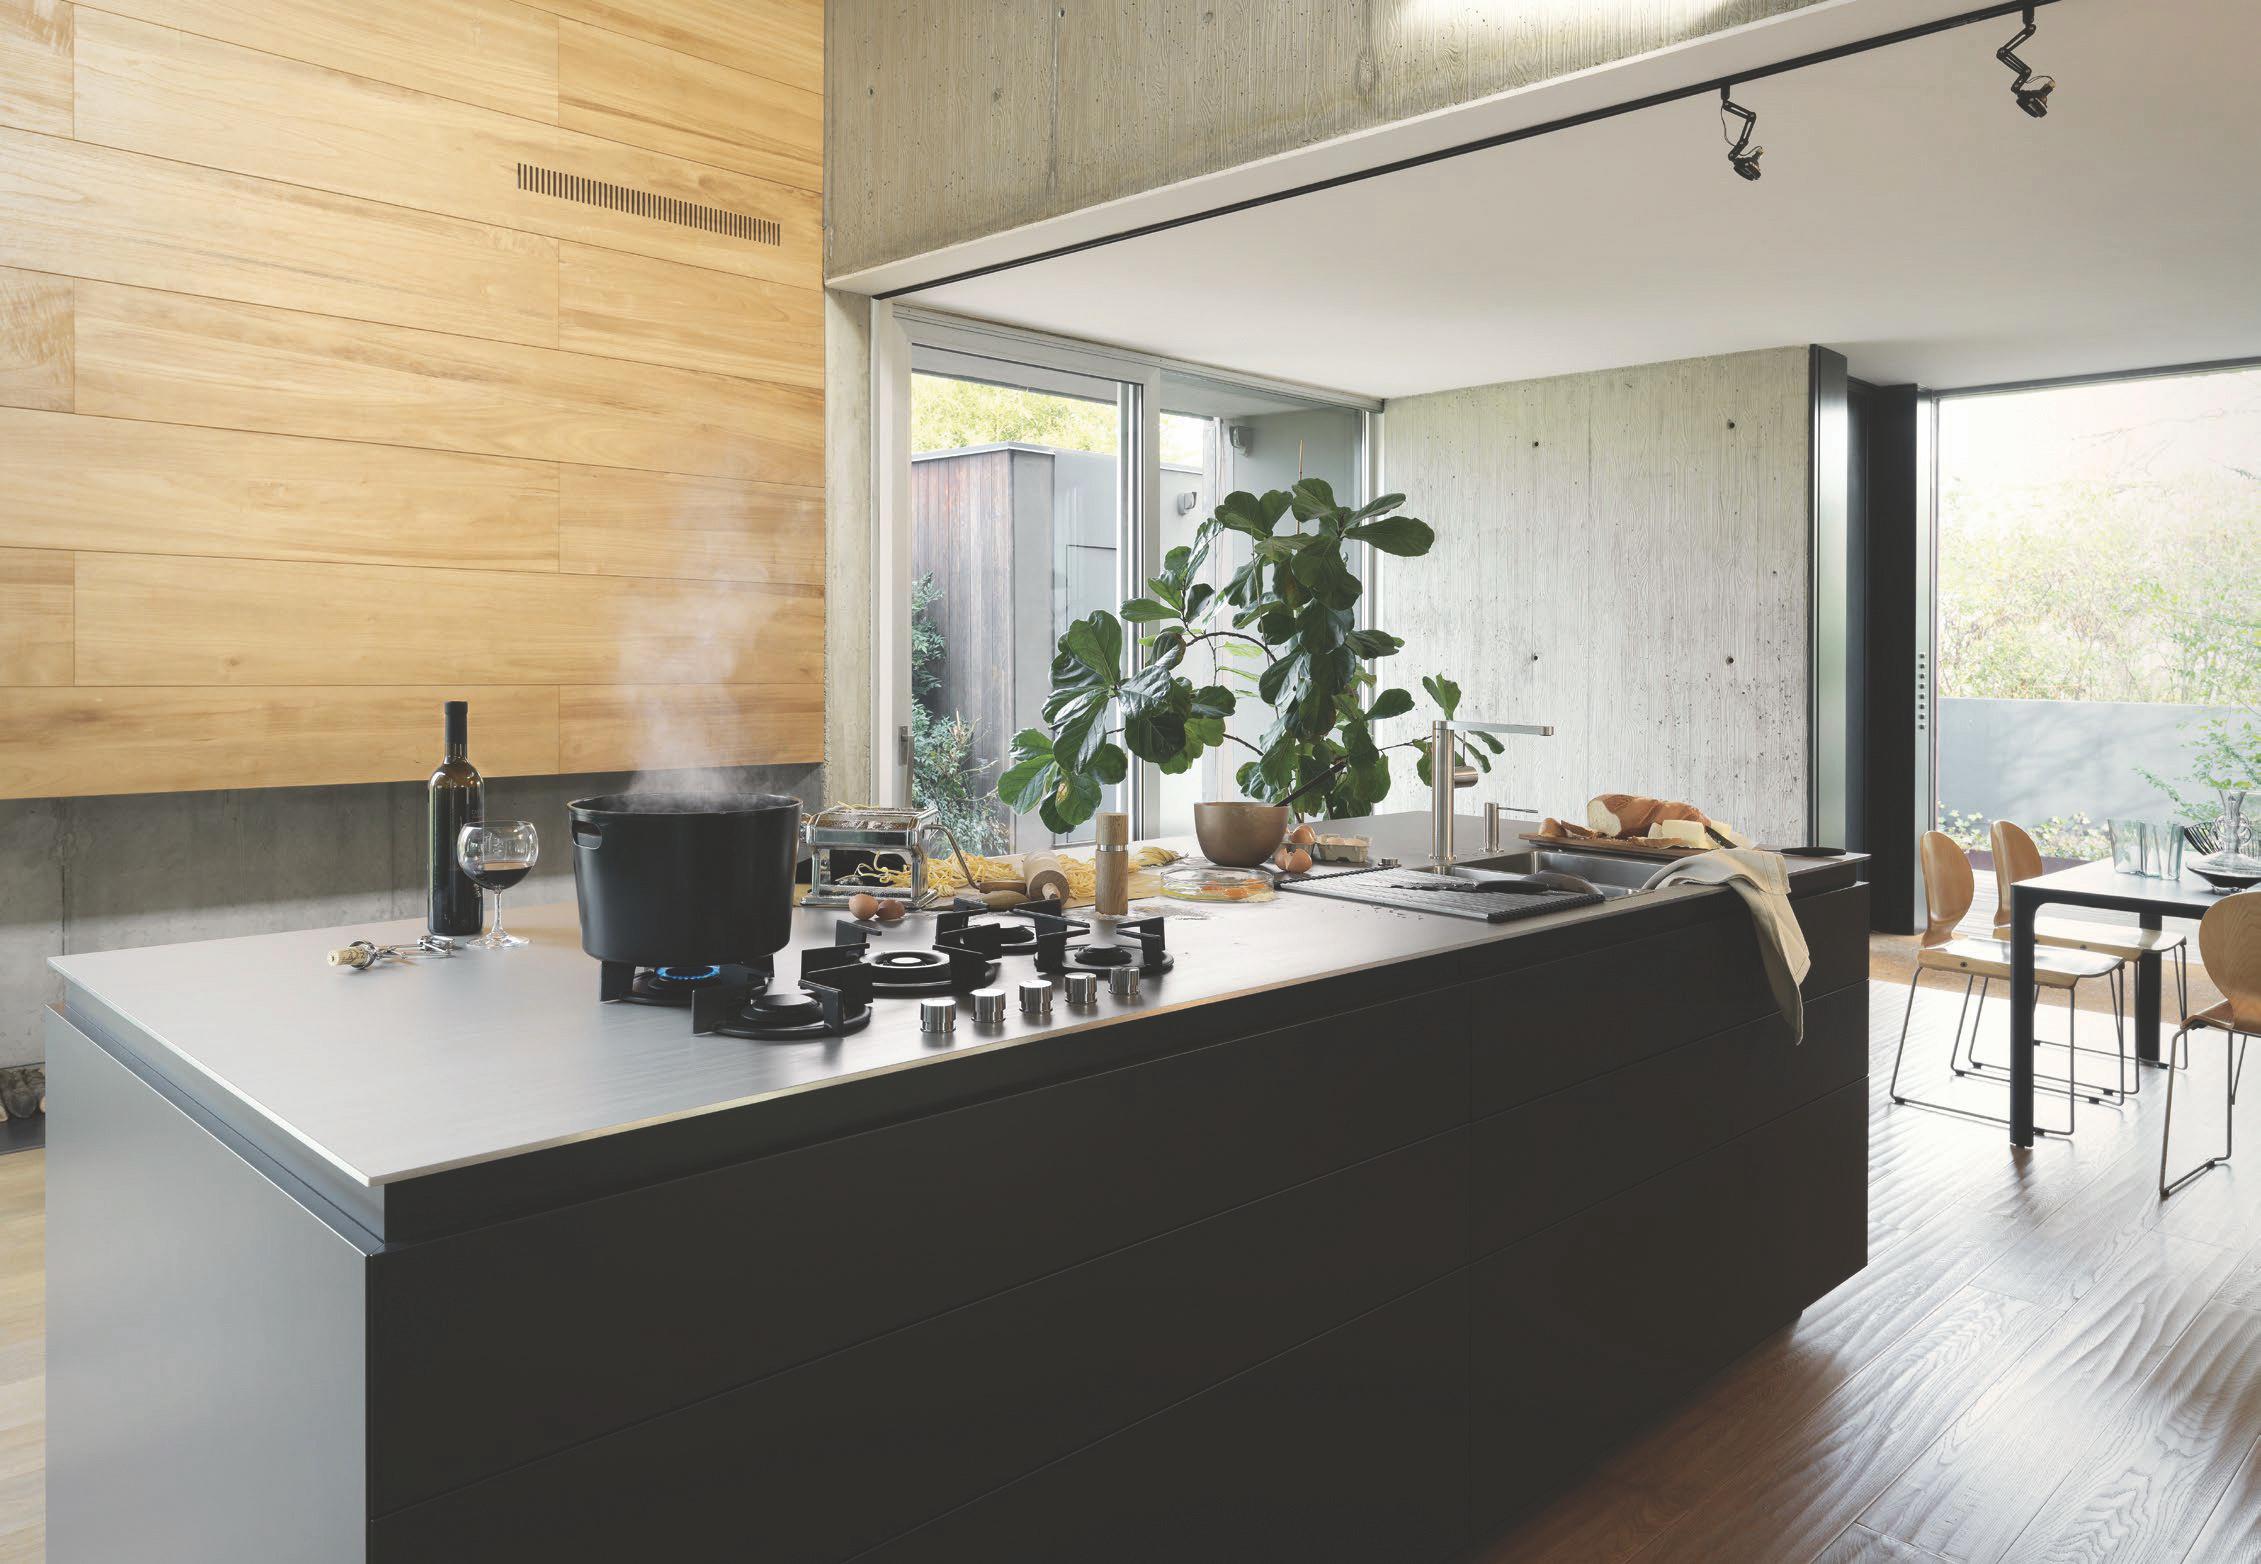 Plan-travail-cuisine-sur-mesure-inox-franke-STC-Paris